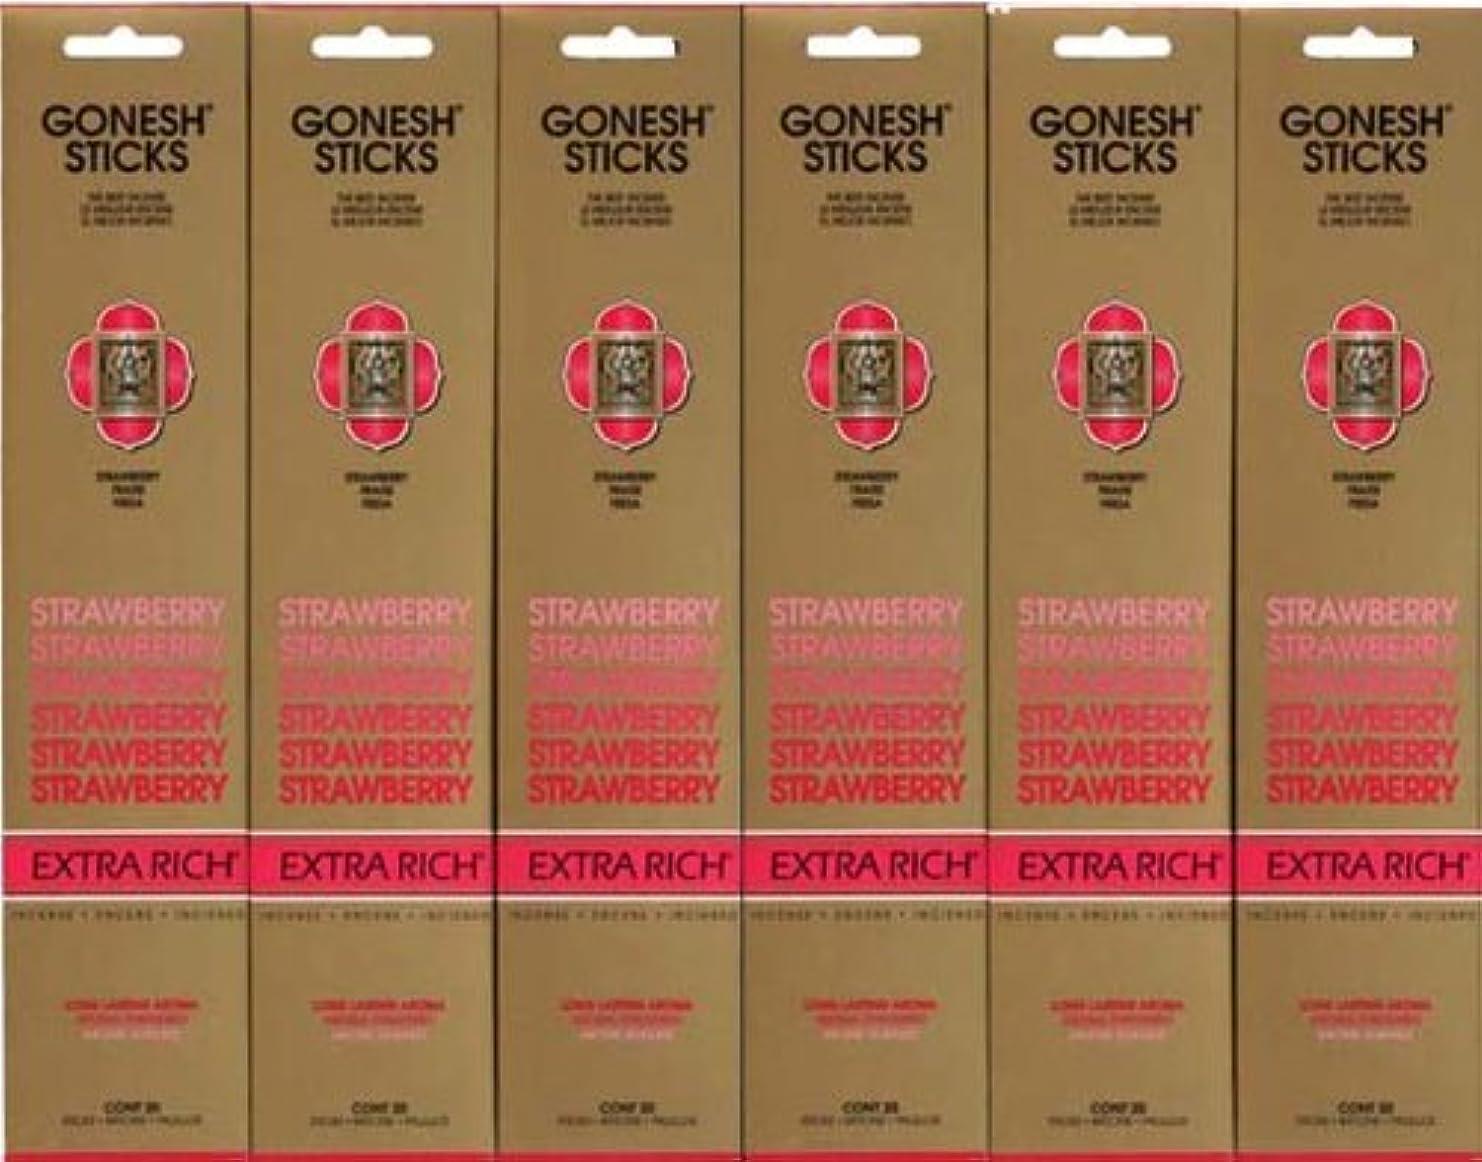 使い込む本質的に永久GONESH STRAWBERRY ストロベリー スティック 20本入り X 6パック (120本)